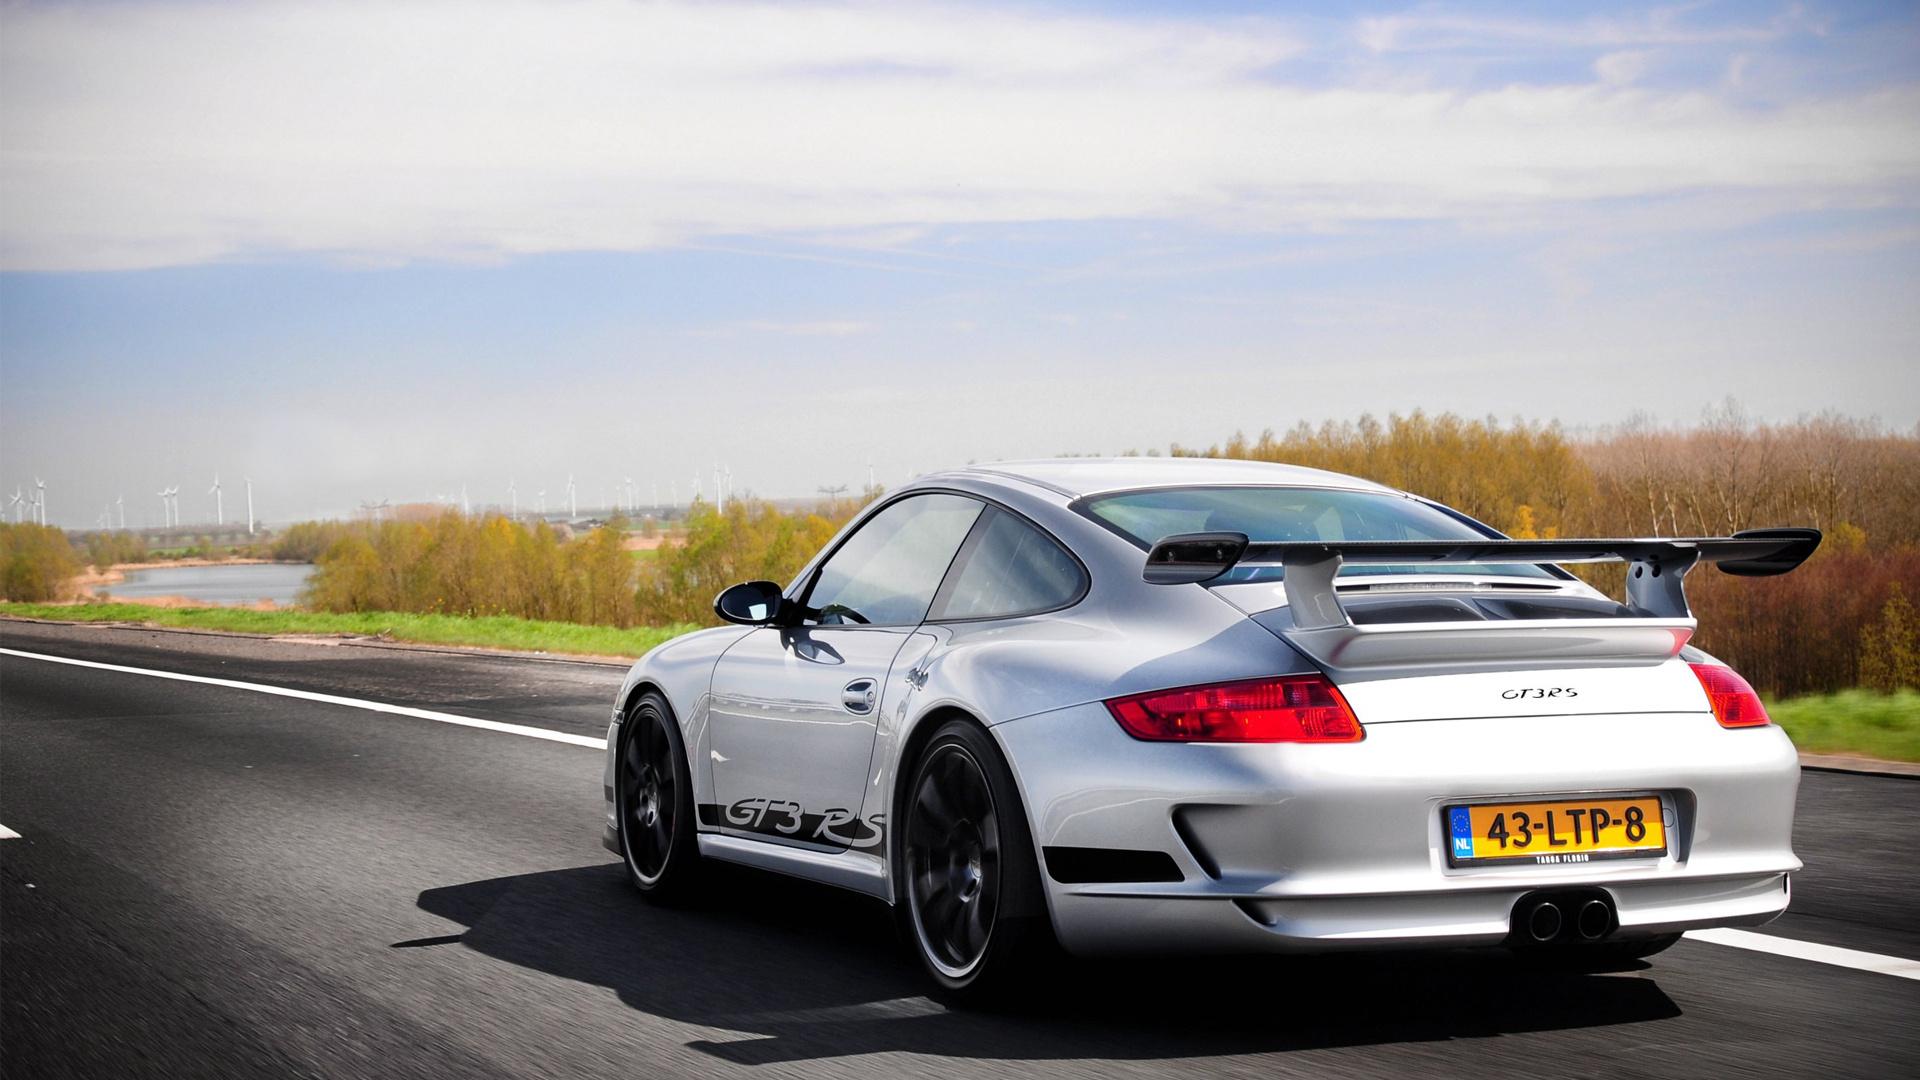 Porsche Supercar Wallpaper   HD Wallpapers Backgrounds of 1920x1080